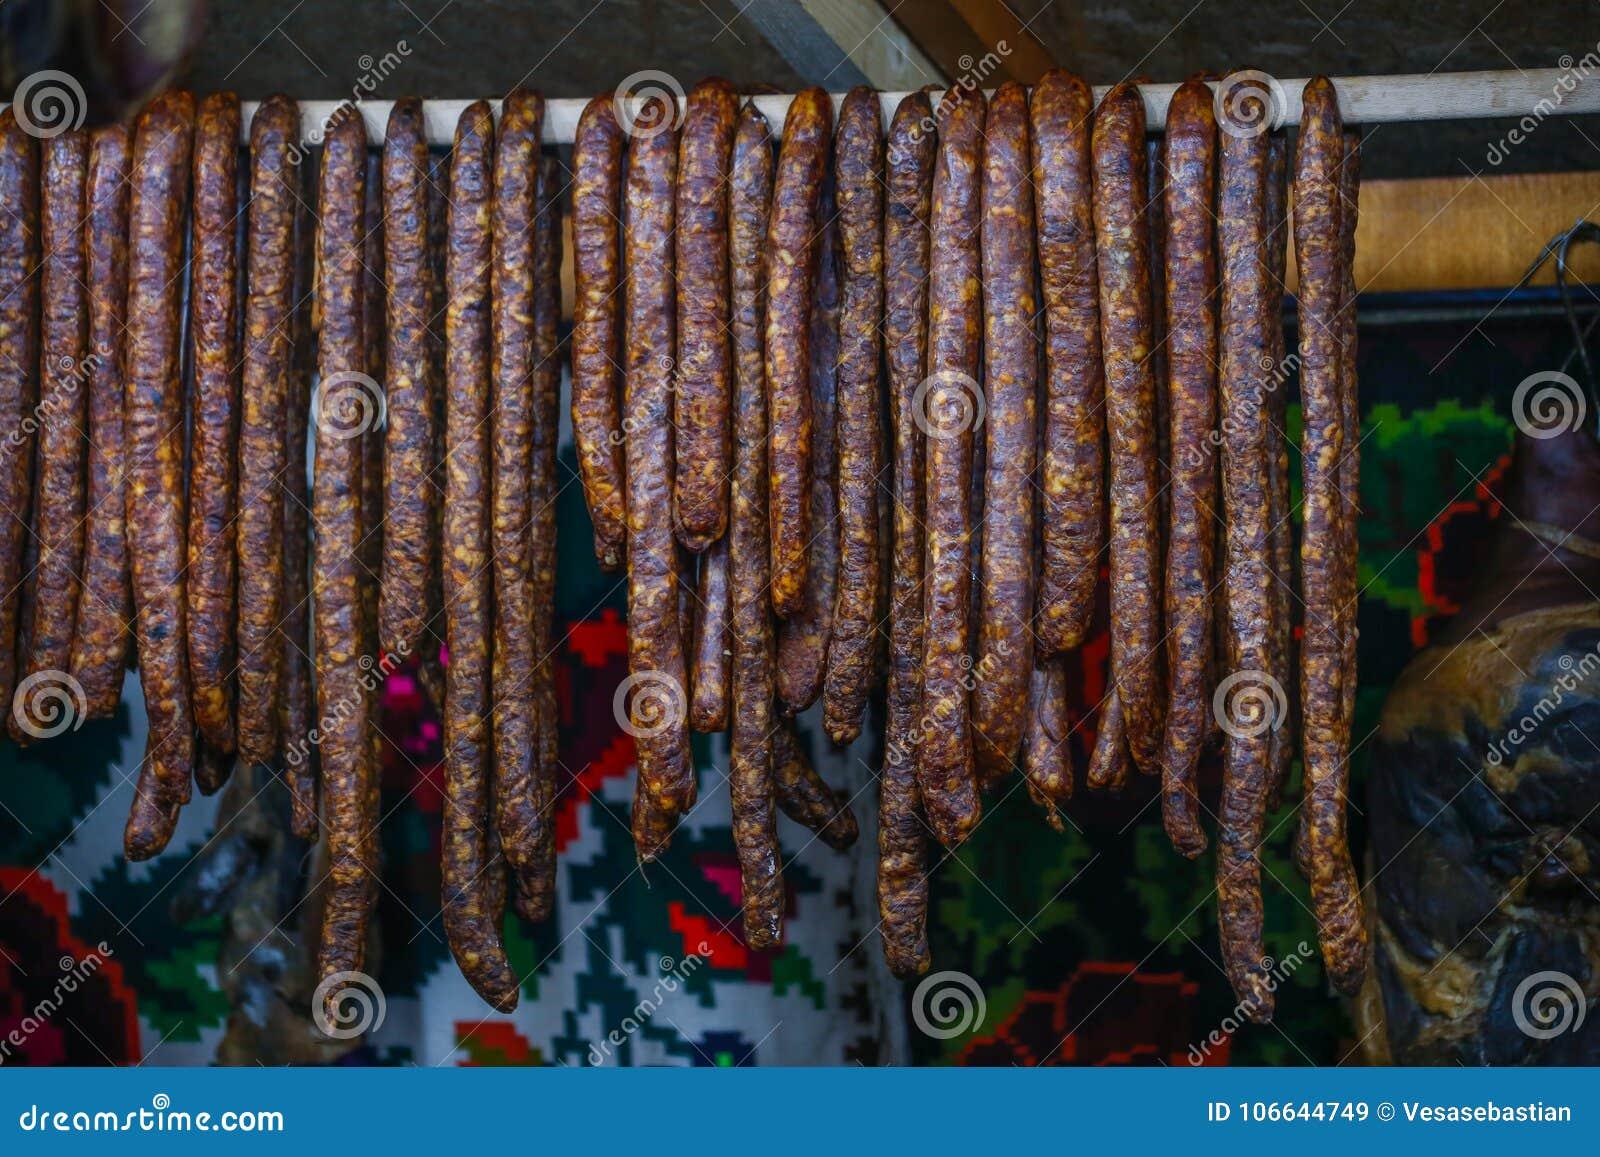 El hogar hizo las salchichas largas ahumadas de Rumania